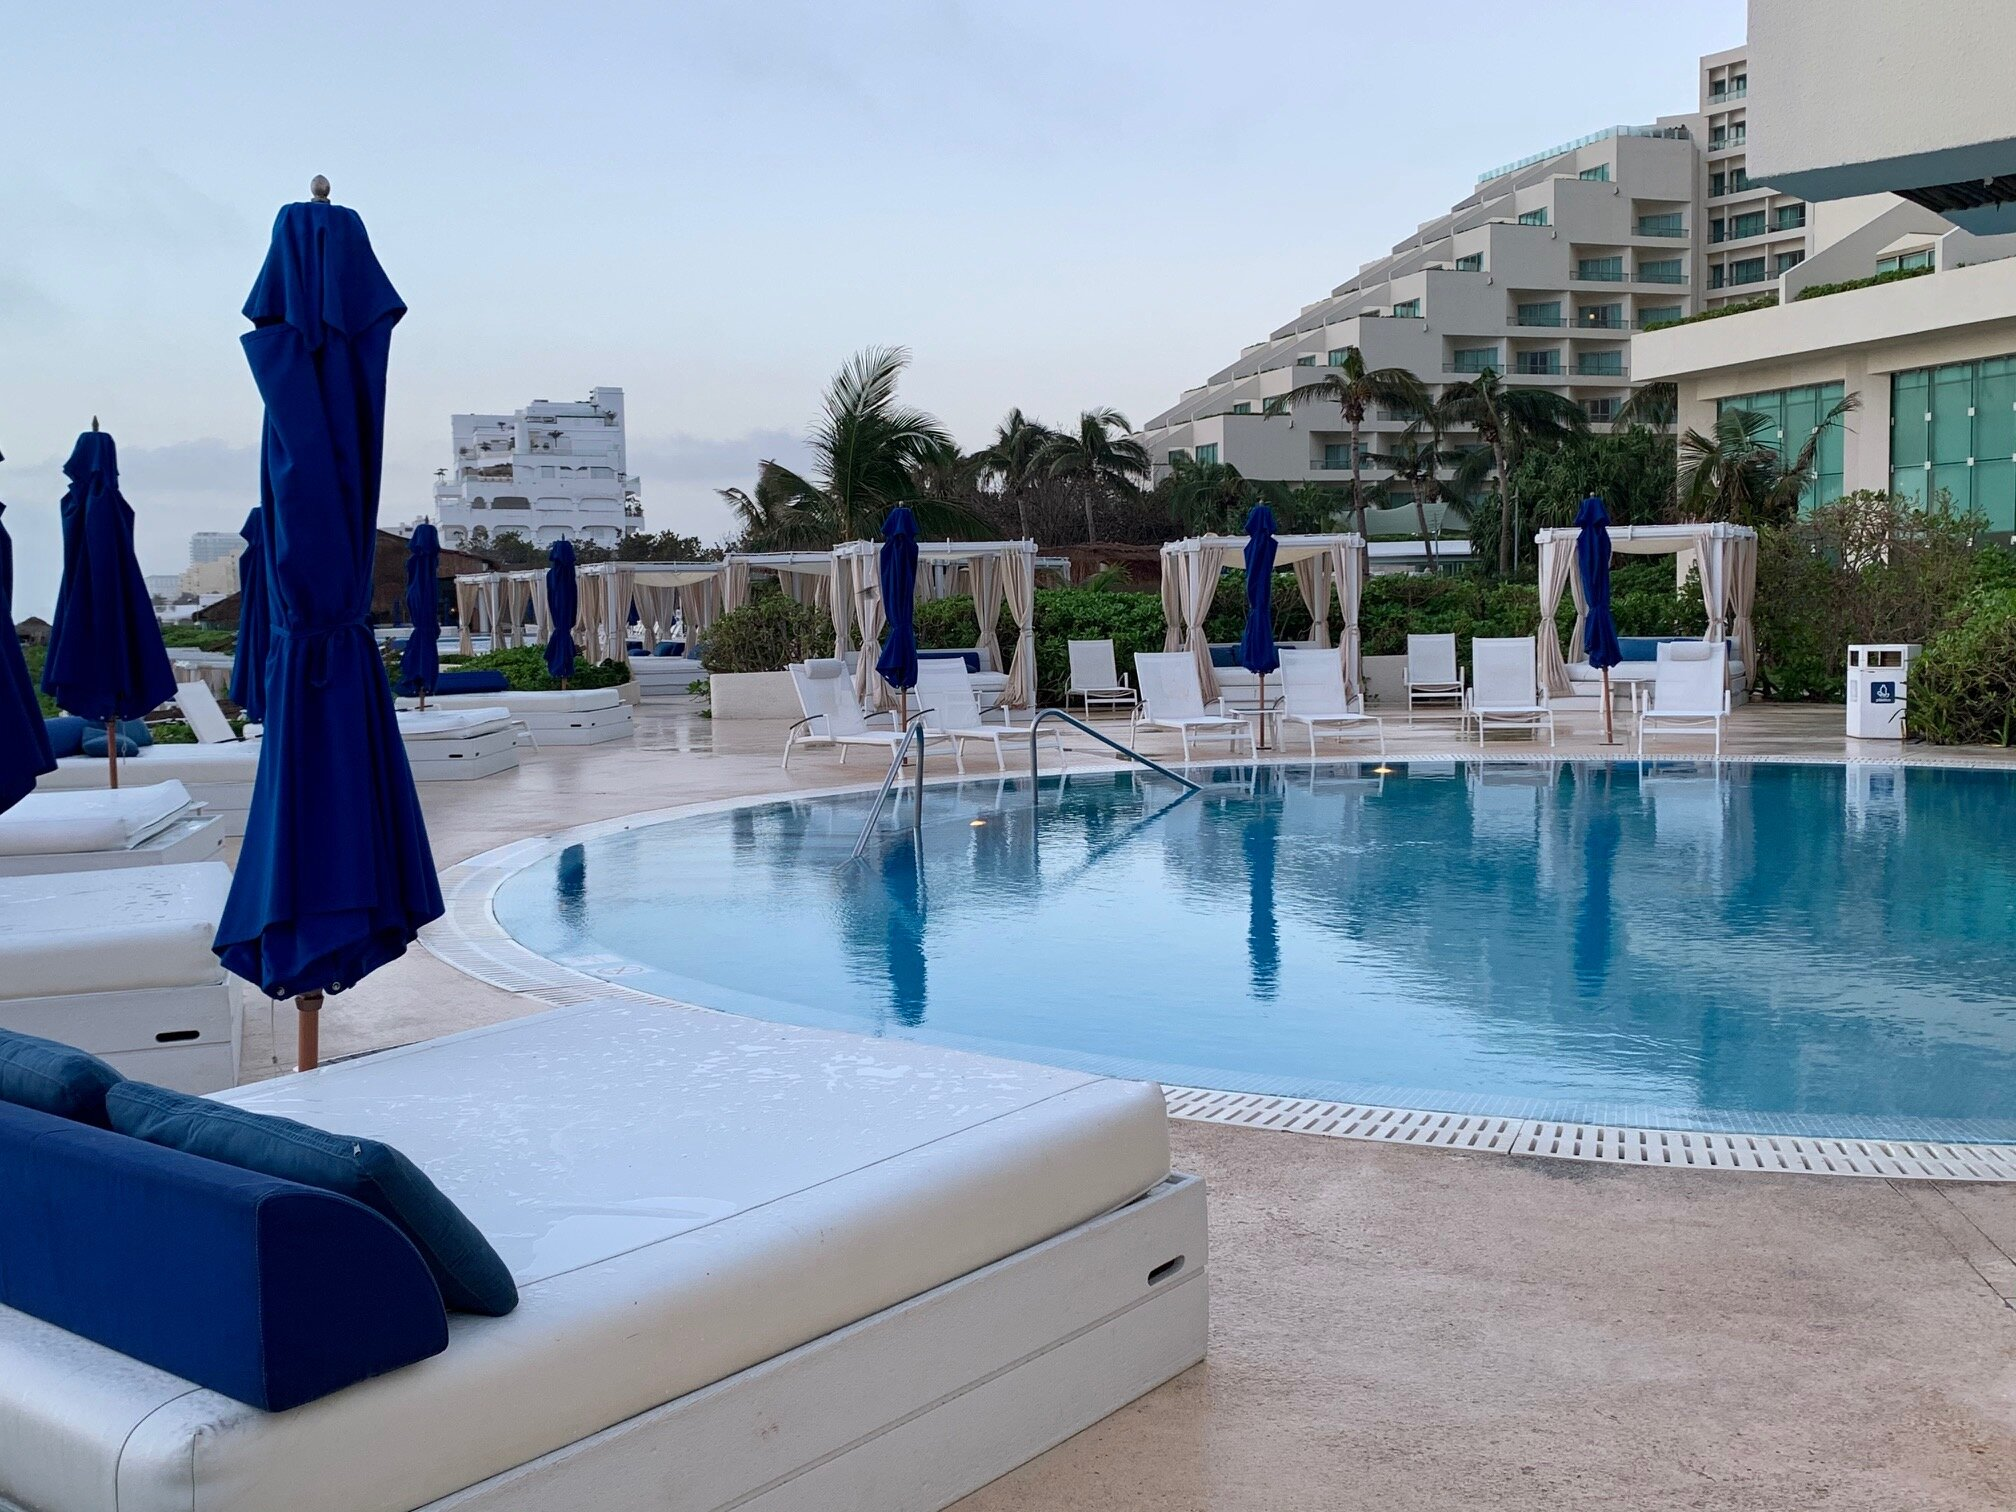 Pool Club at Live Aqua Cancun